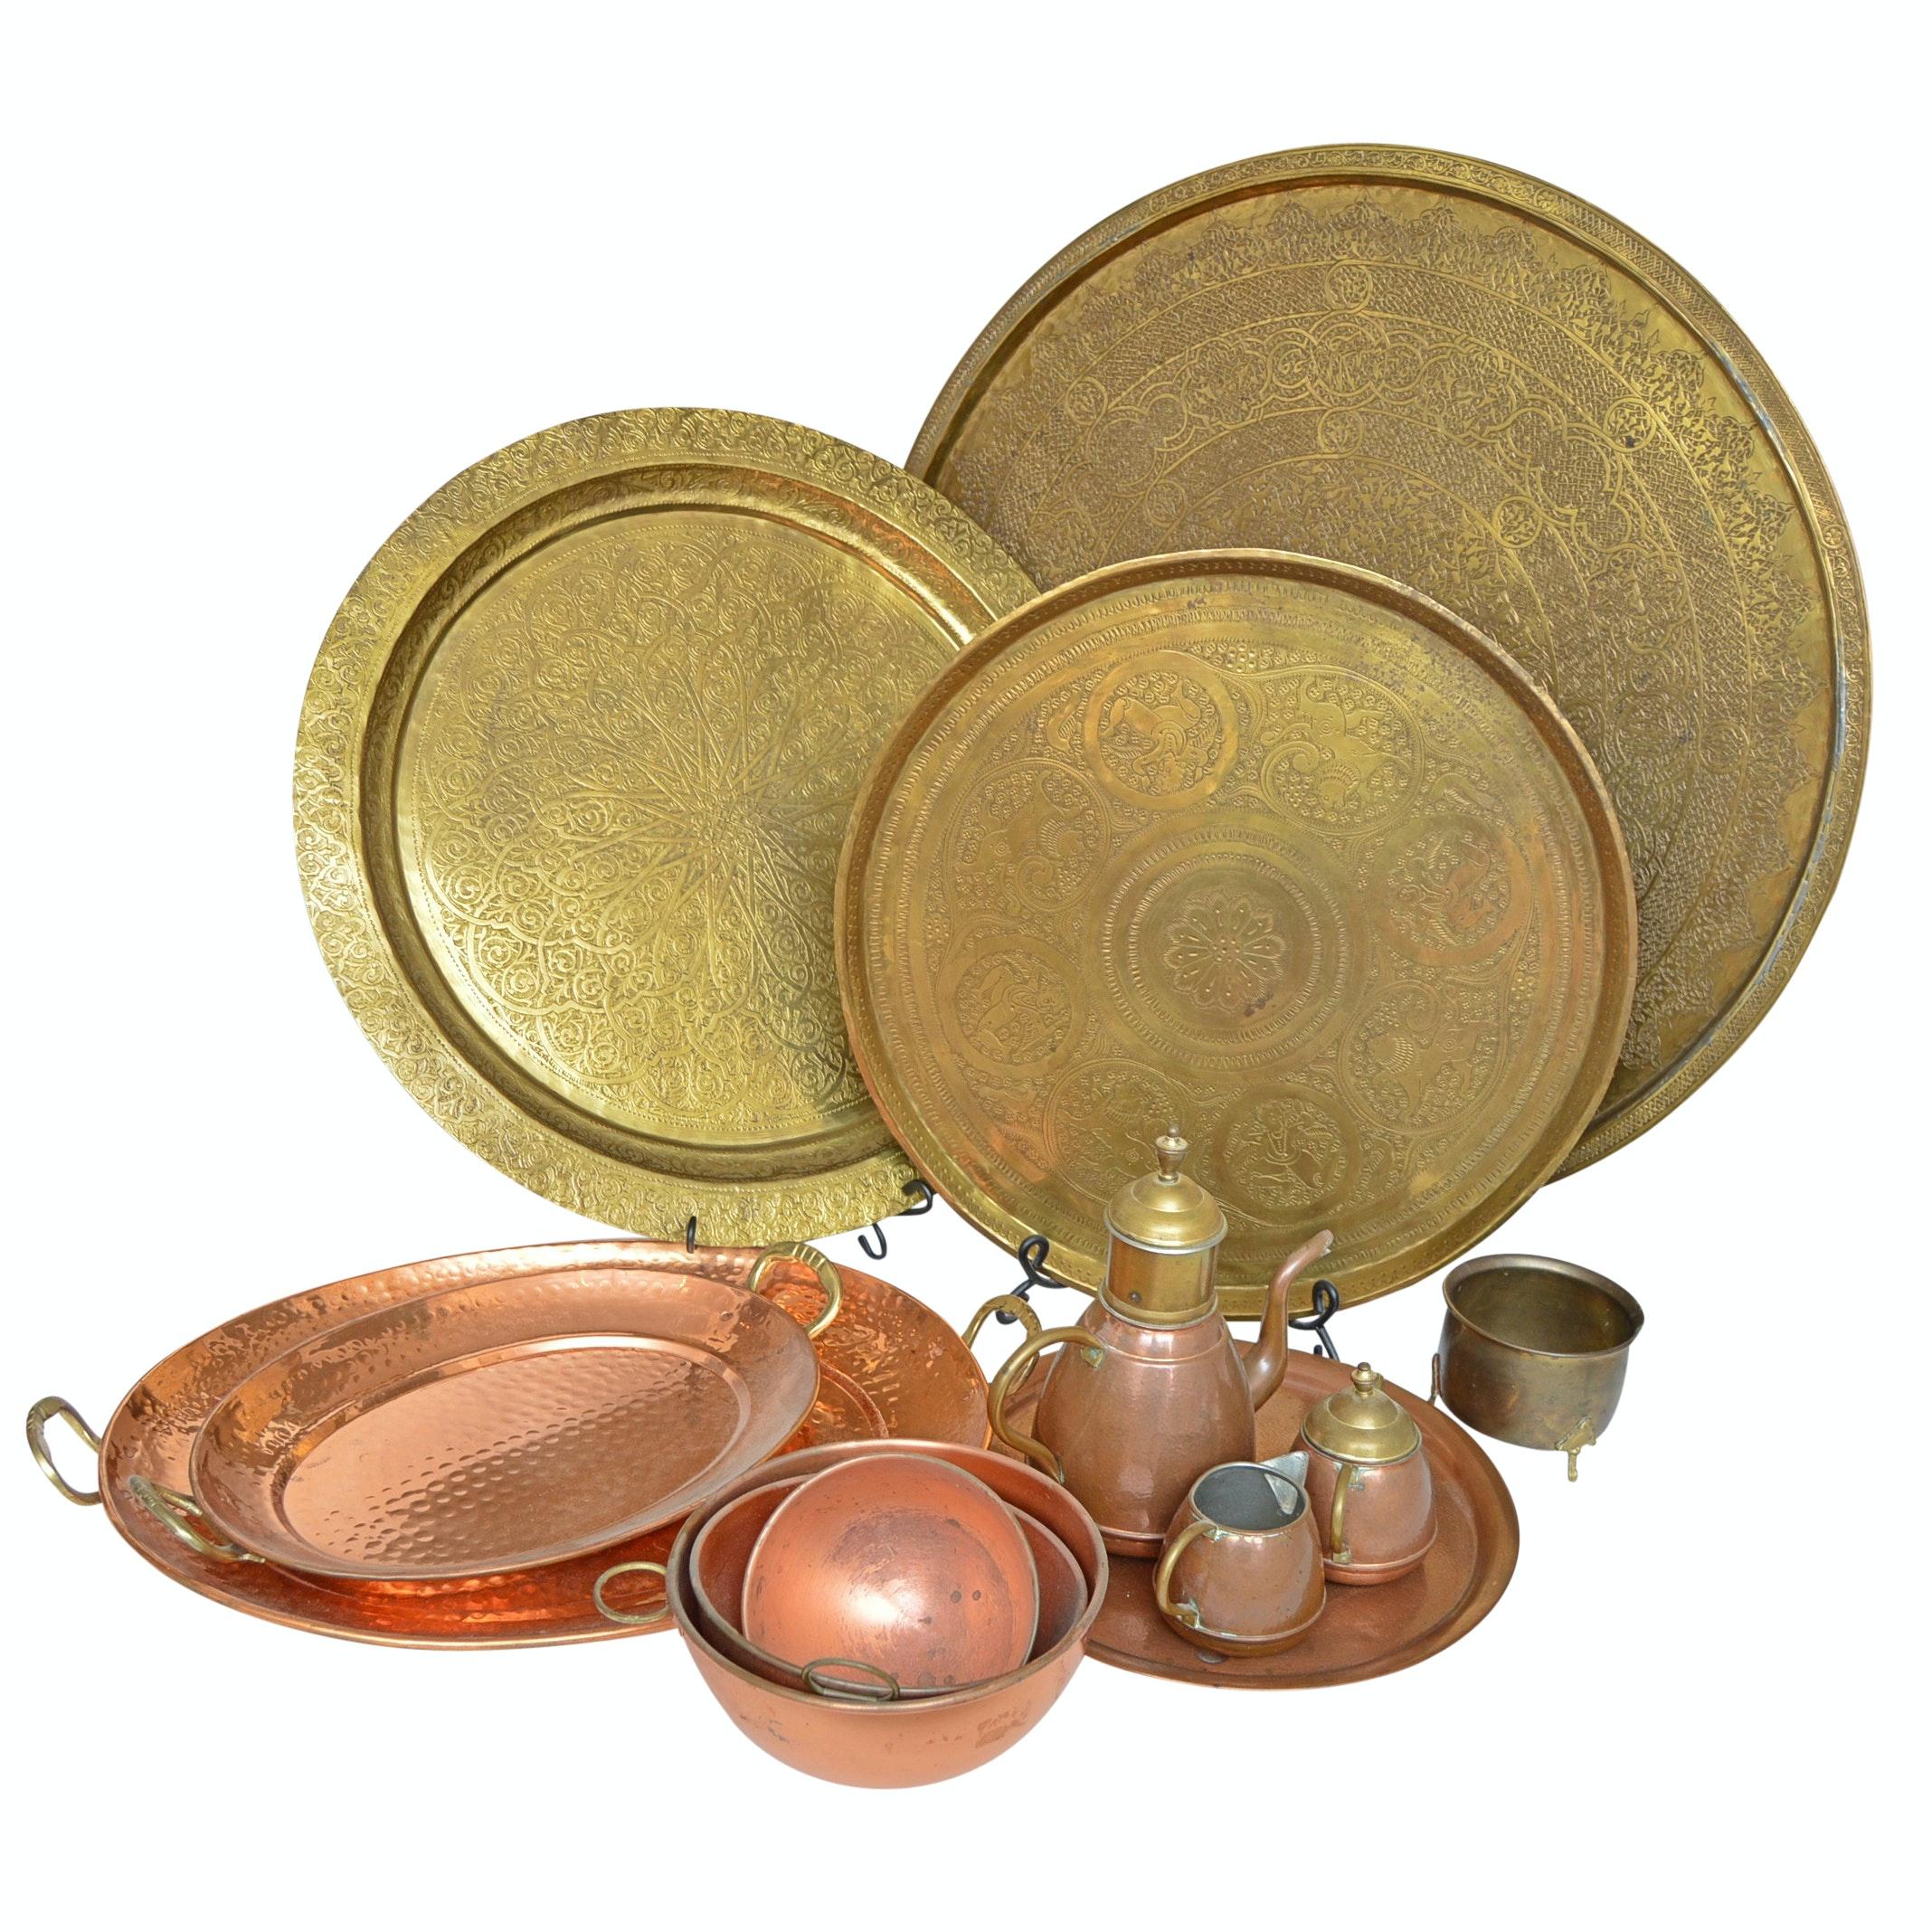 Brassware and Copper Serveware Collection